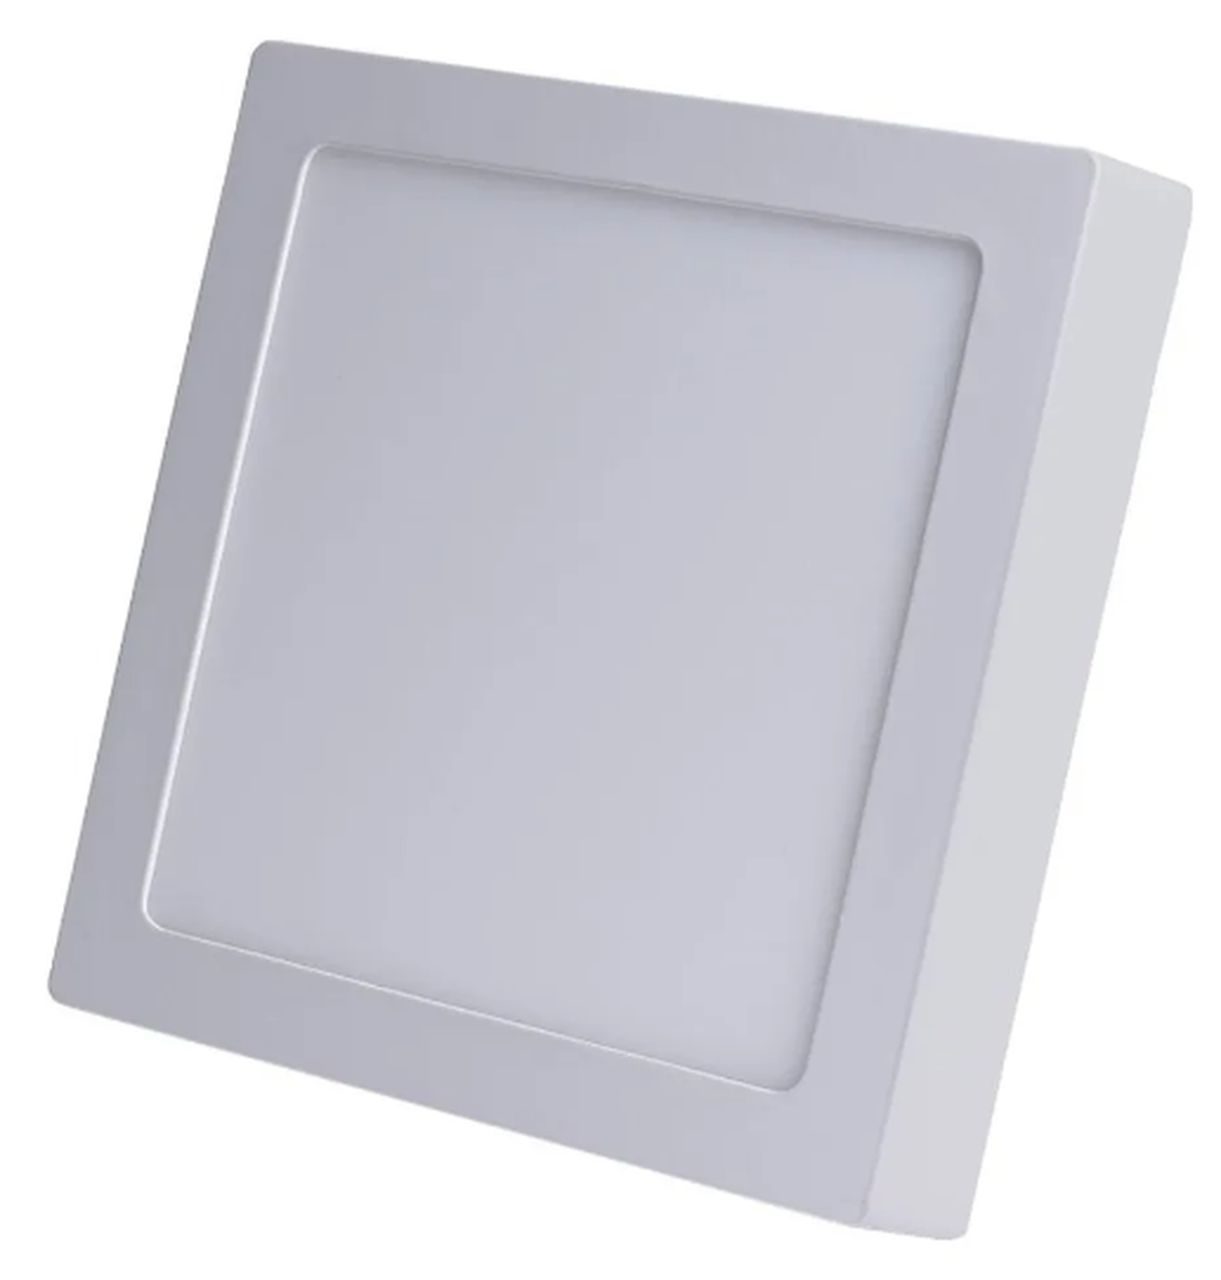 Painel LED de Sobrepor Quadrado 30 x 30 cm 24W - Luz Amarela 3000K